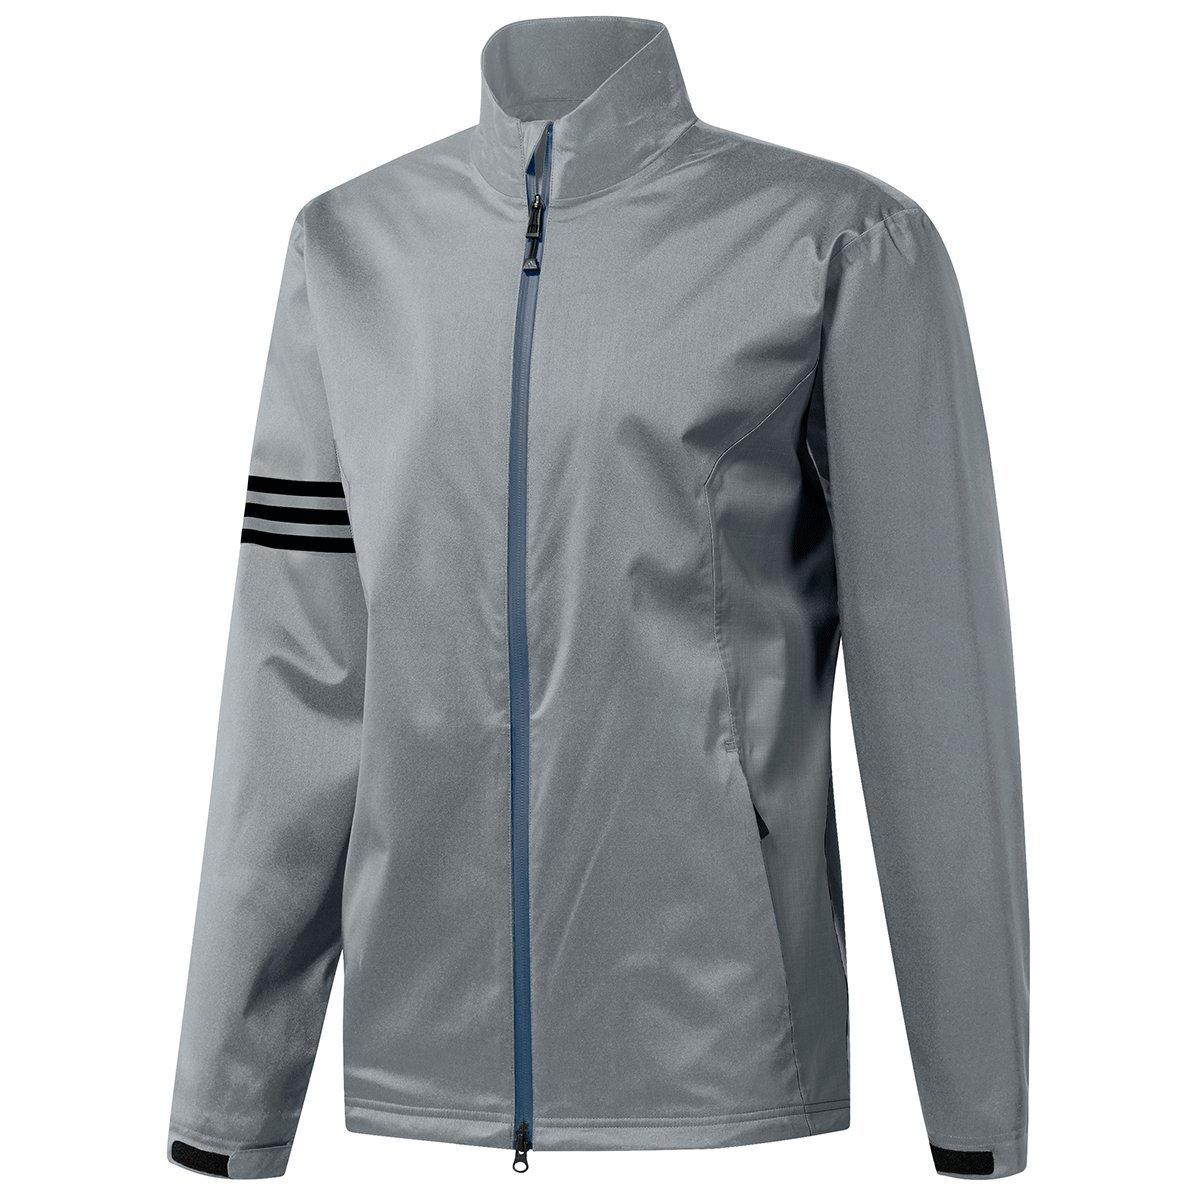 gris (gris Cy9379) S adidas Climaproof veste Blouson De Sport Homme